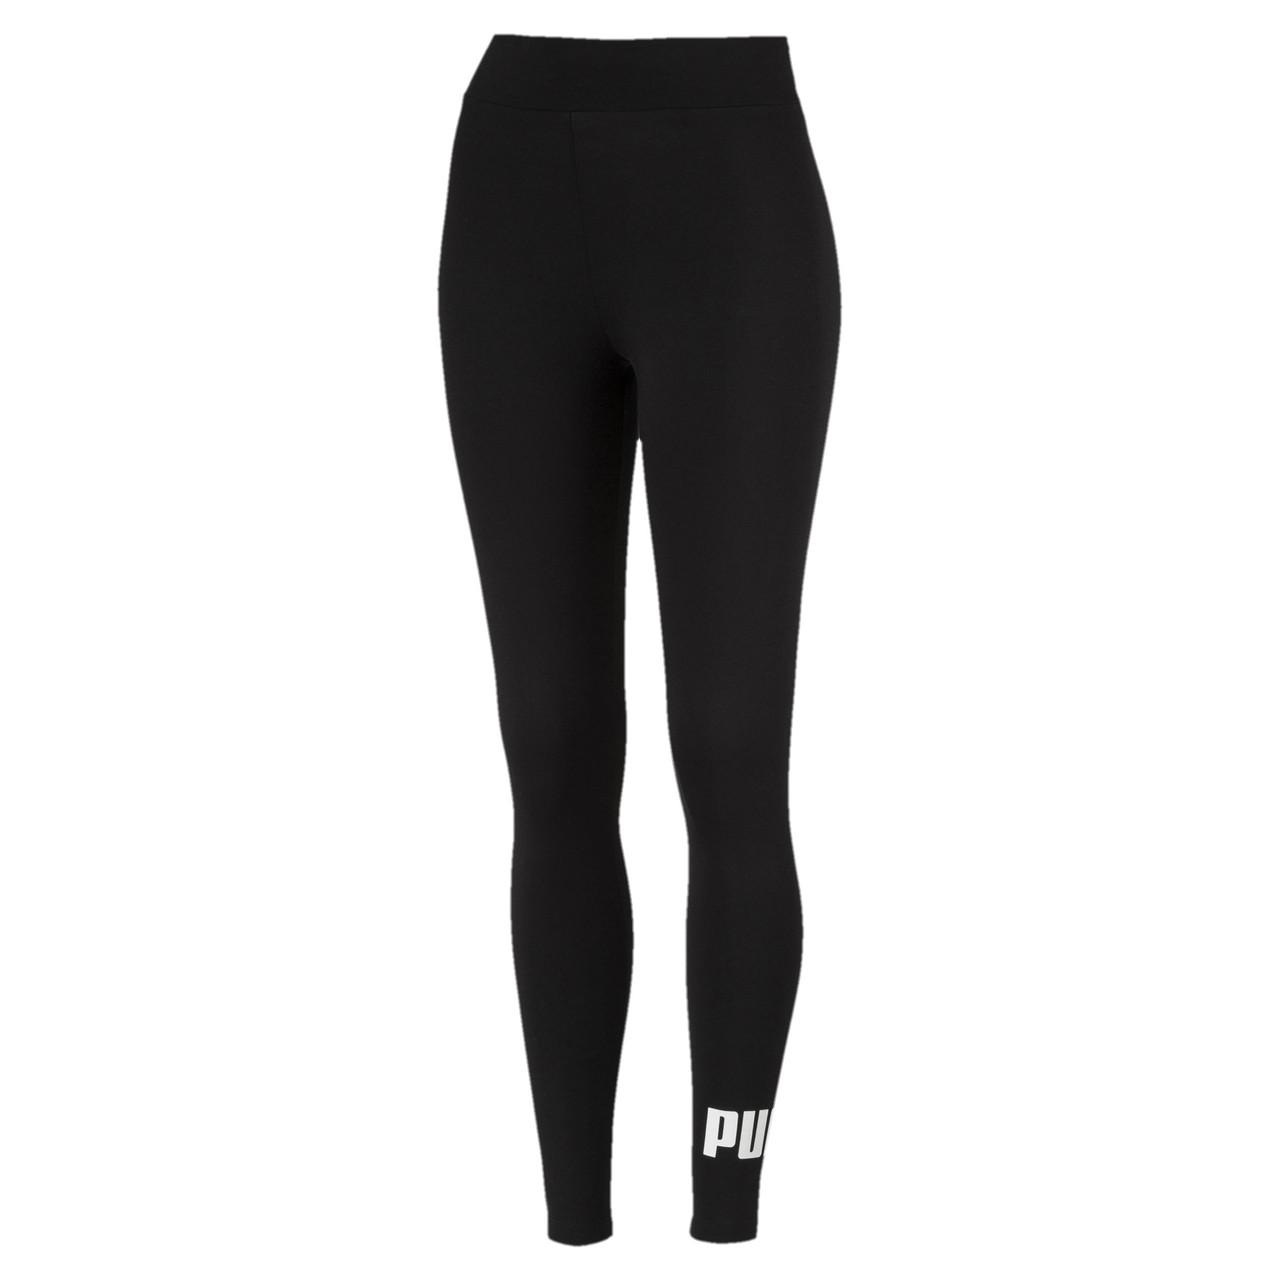 Женские спортивные леггинсы Women'S Essentials Logo Leggings